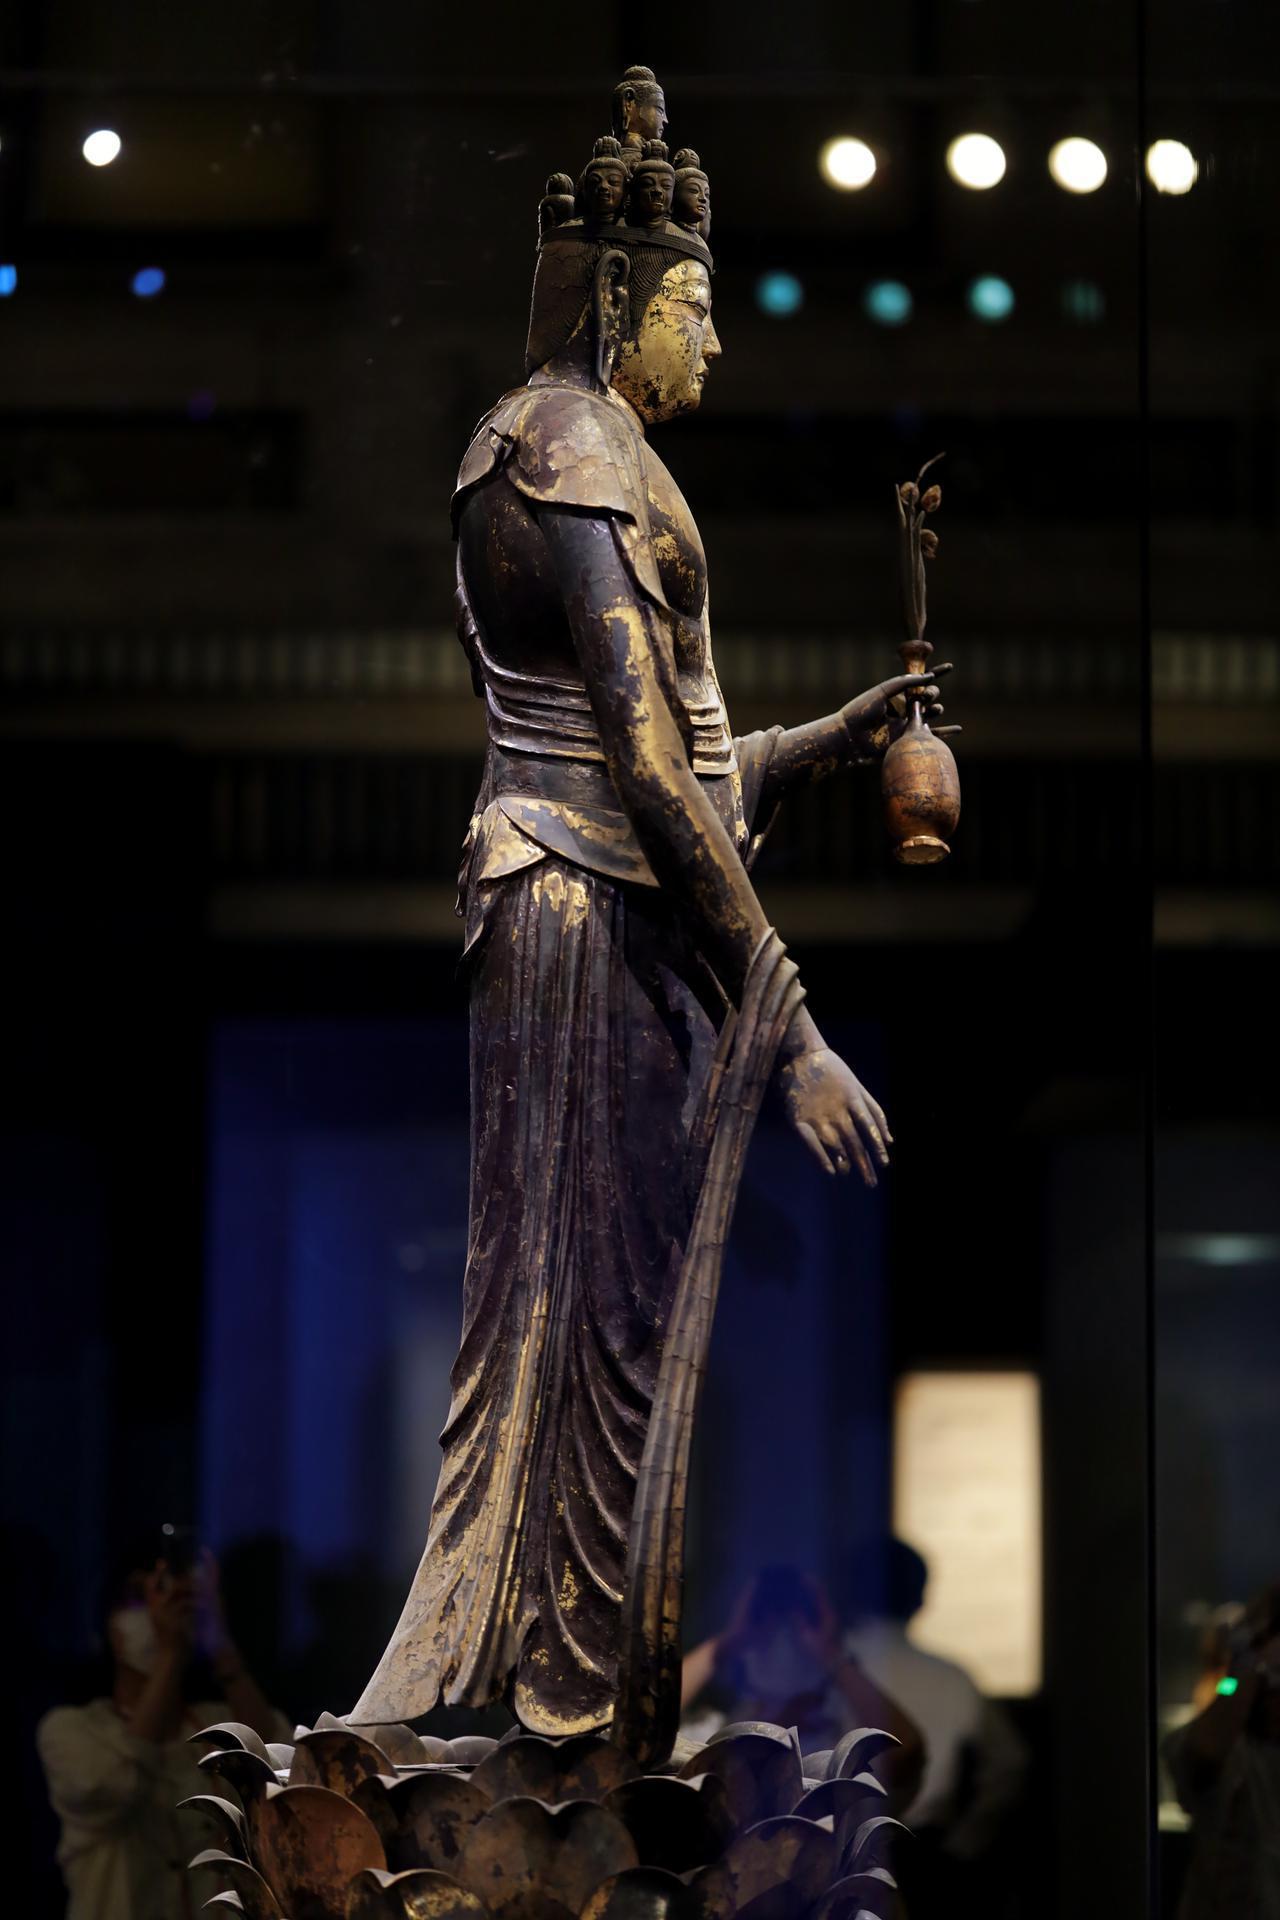 画像5: 国宝 十一面観音菩薩立像 奈良時代・8世紀 奈良・聖林寺蔵